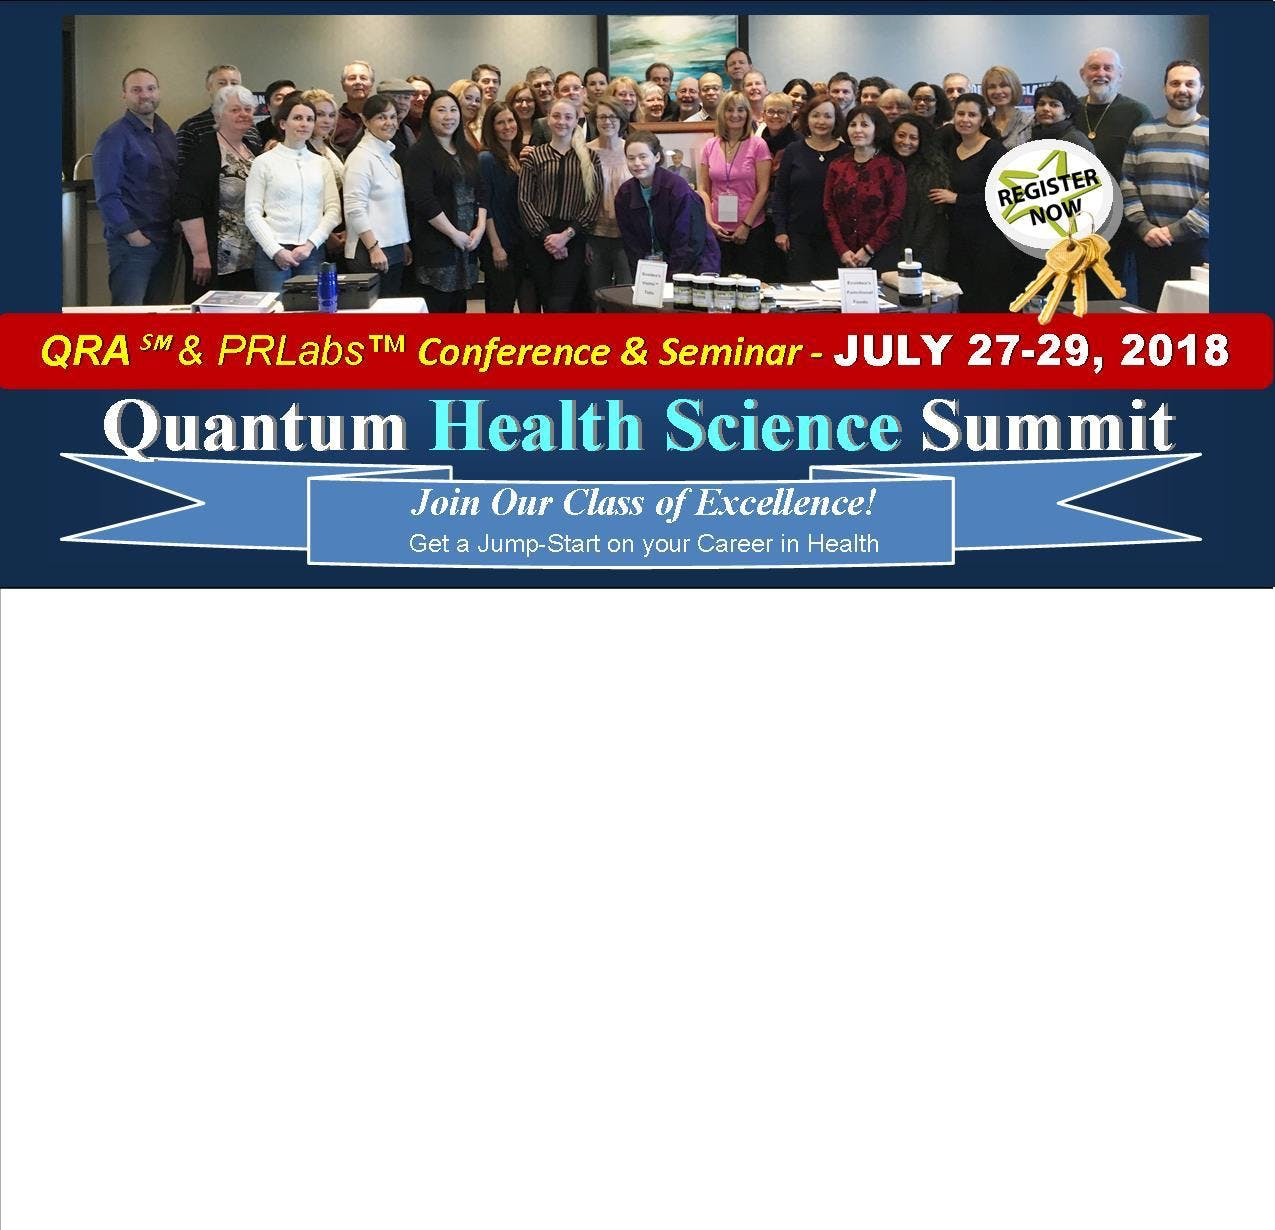 Quantum Health Science Summit Central Ontario